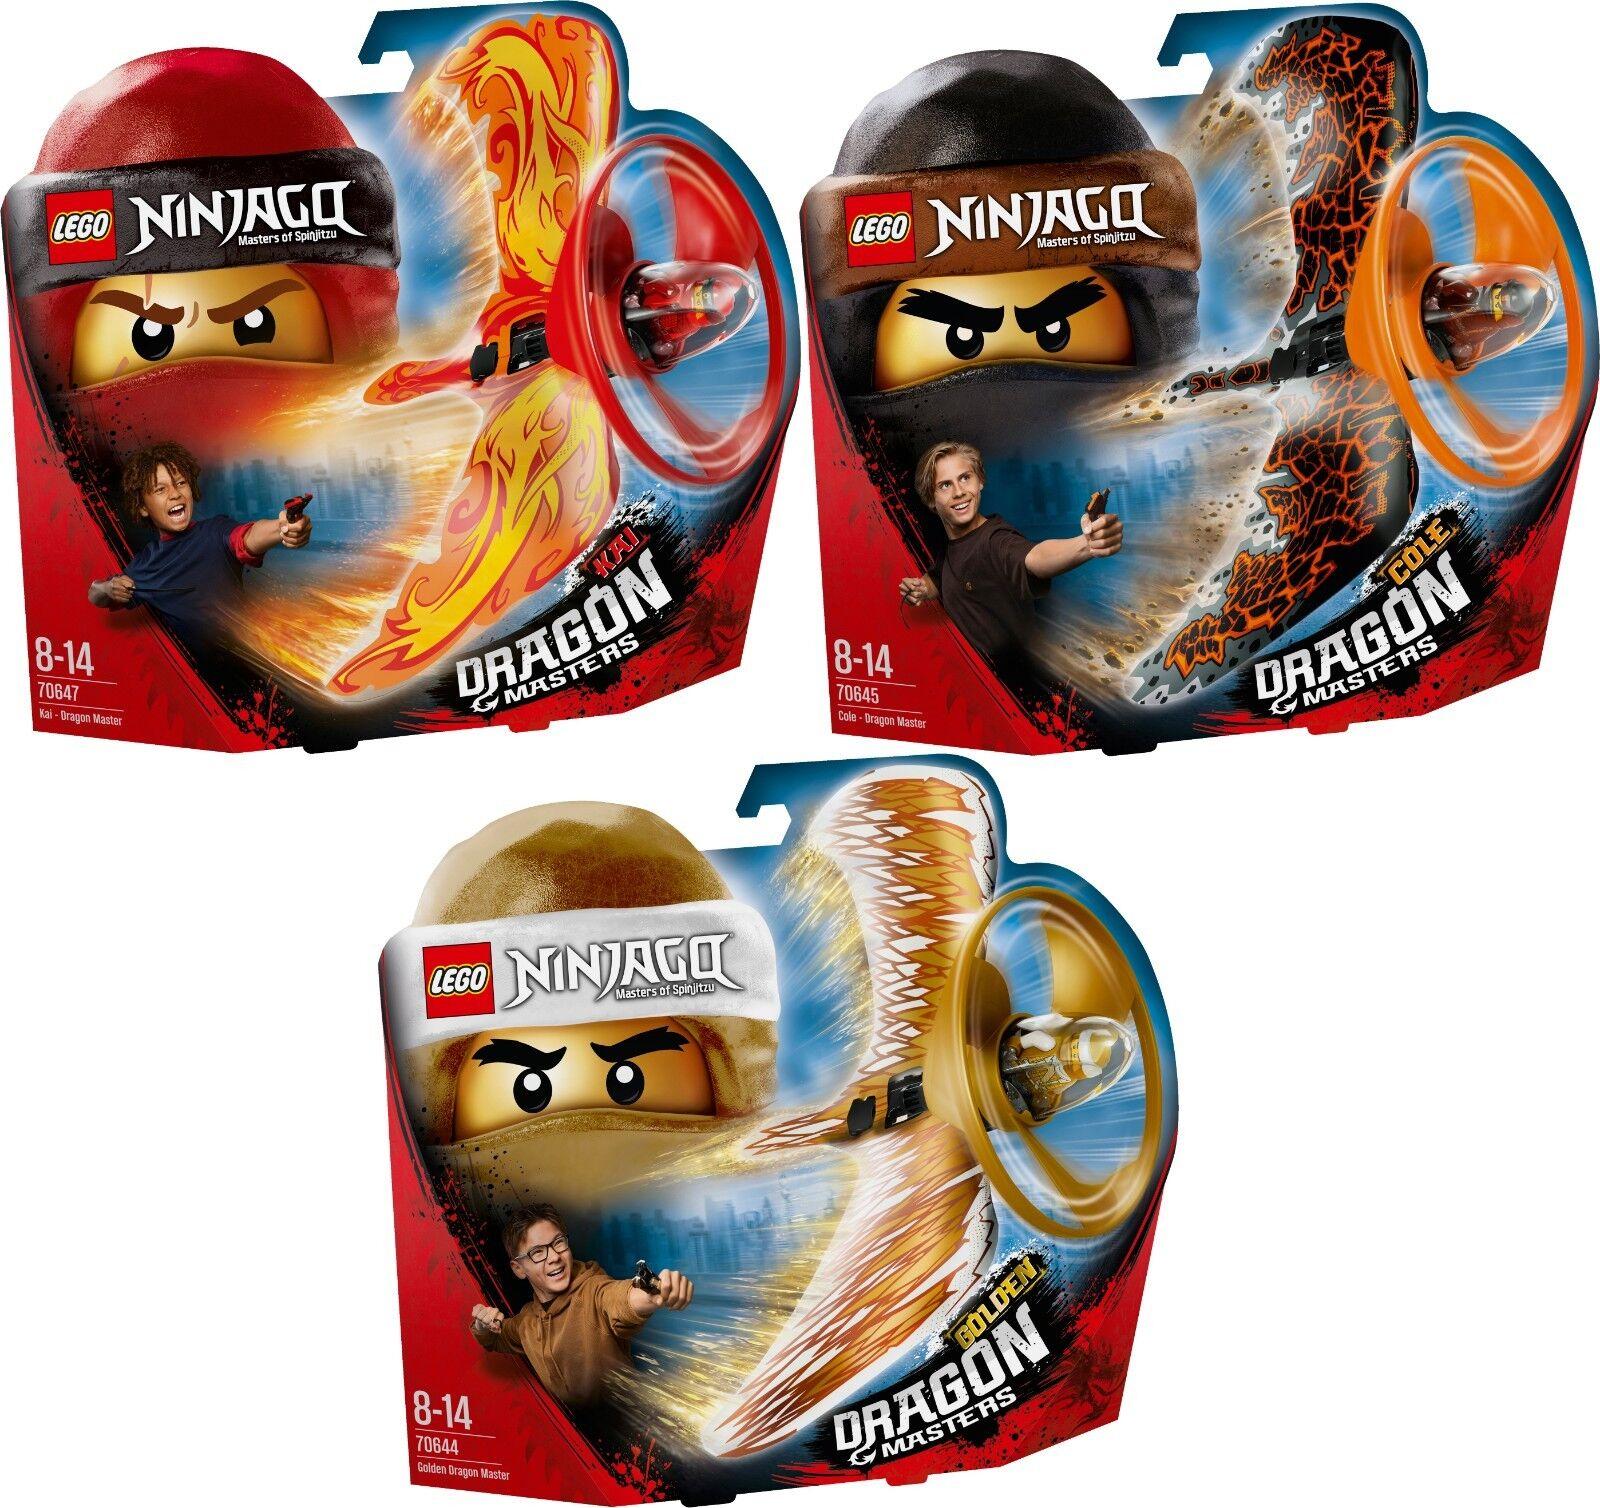 LEGO Ninjago 70647 70645 70644 Drago maestro Kai Cole oroen ACTION TOYS n6/18